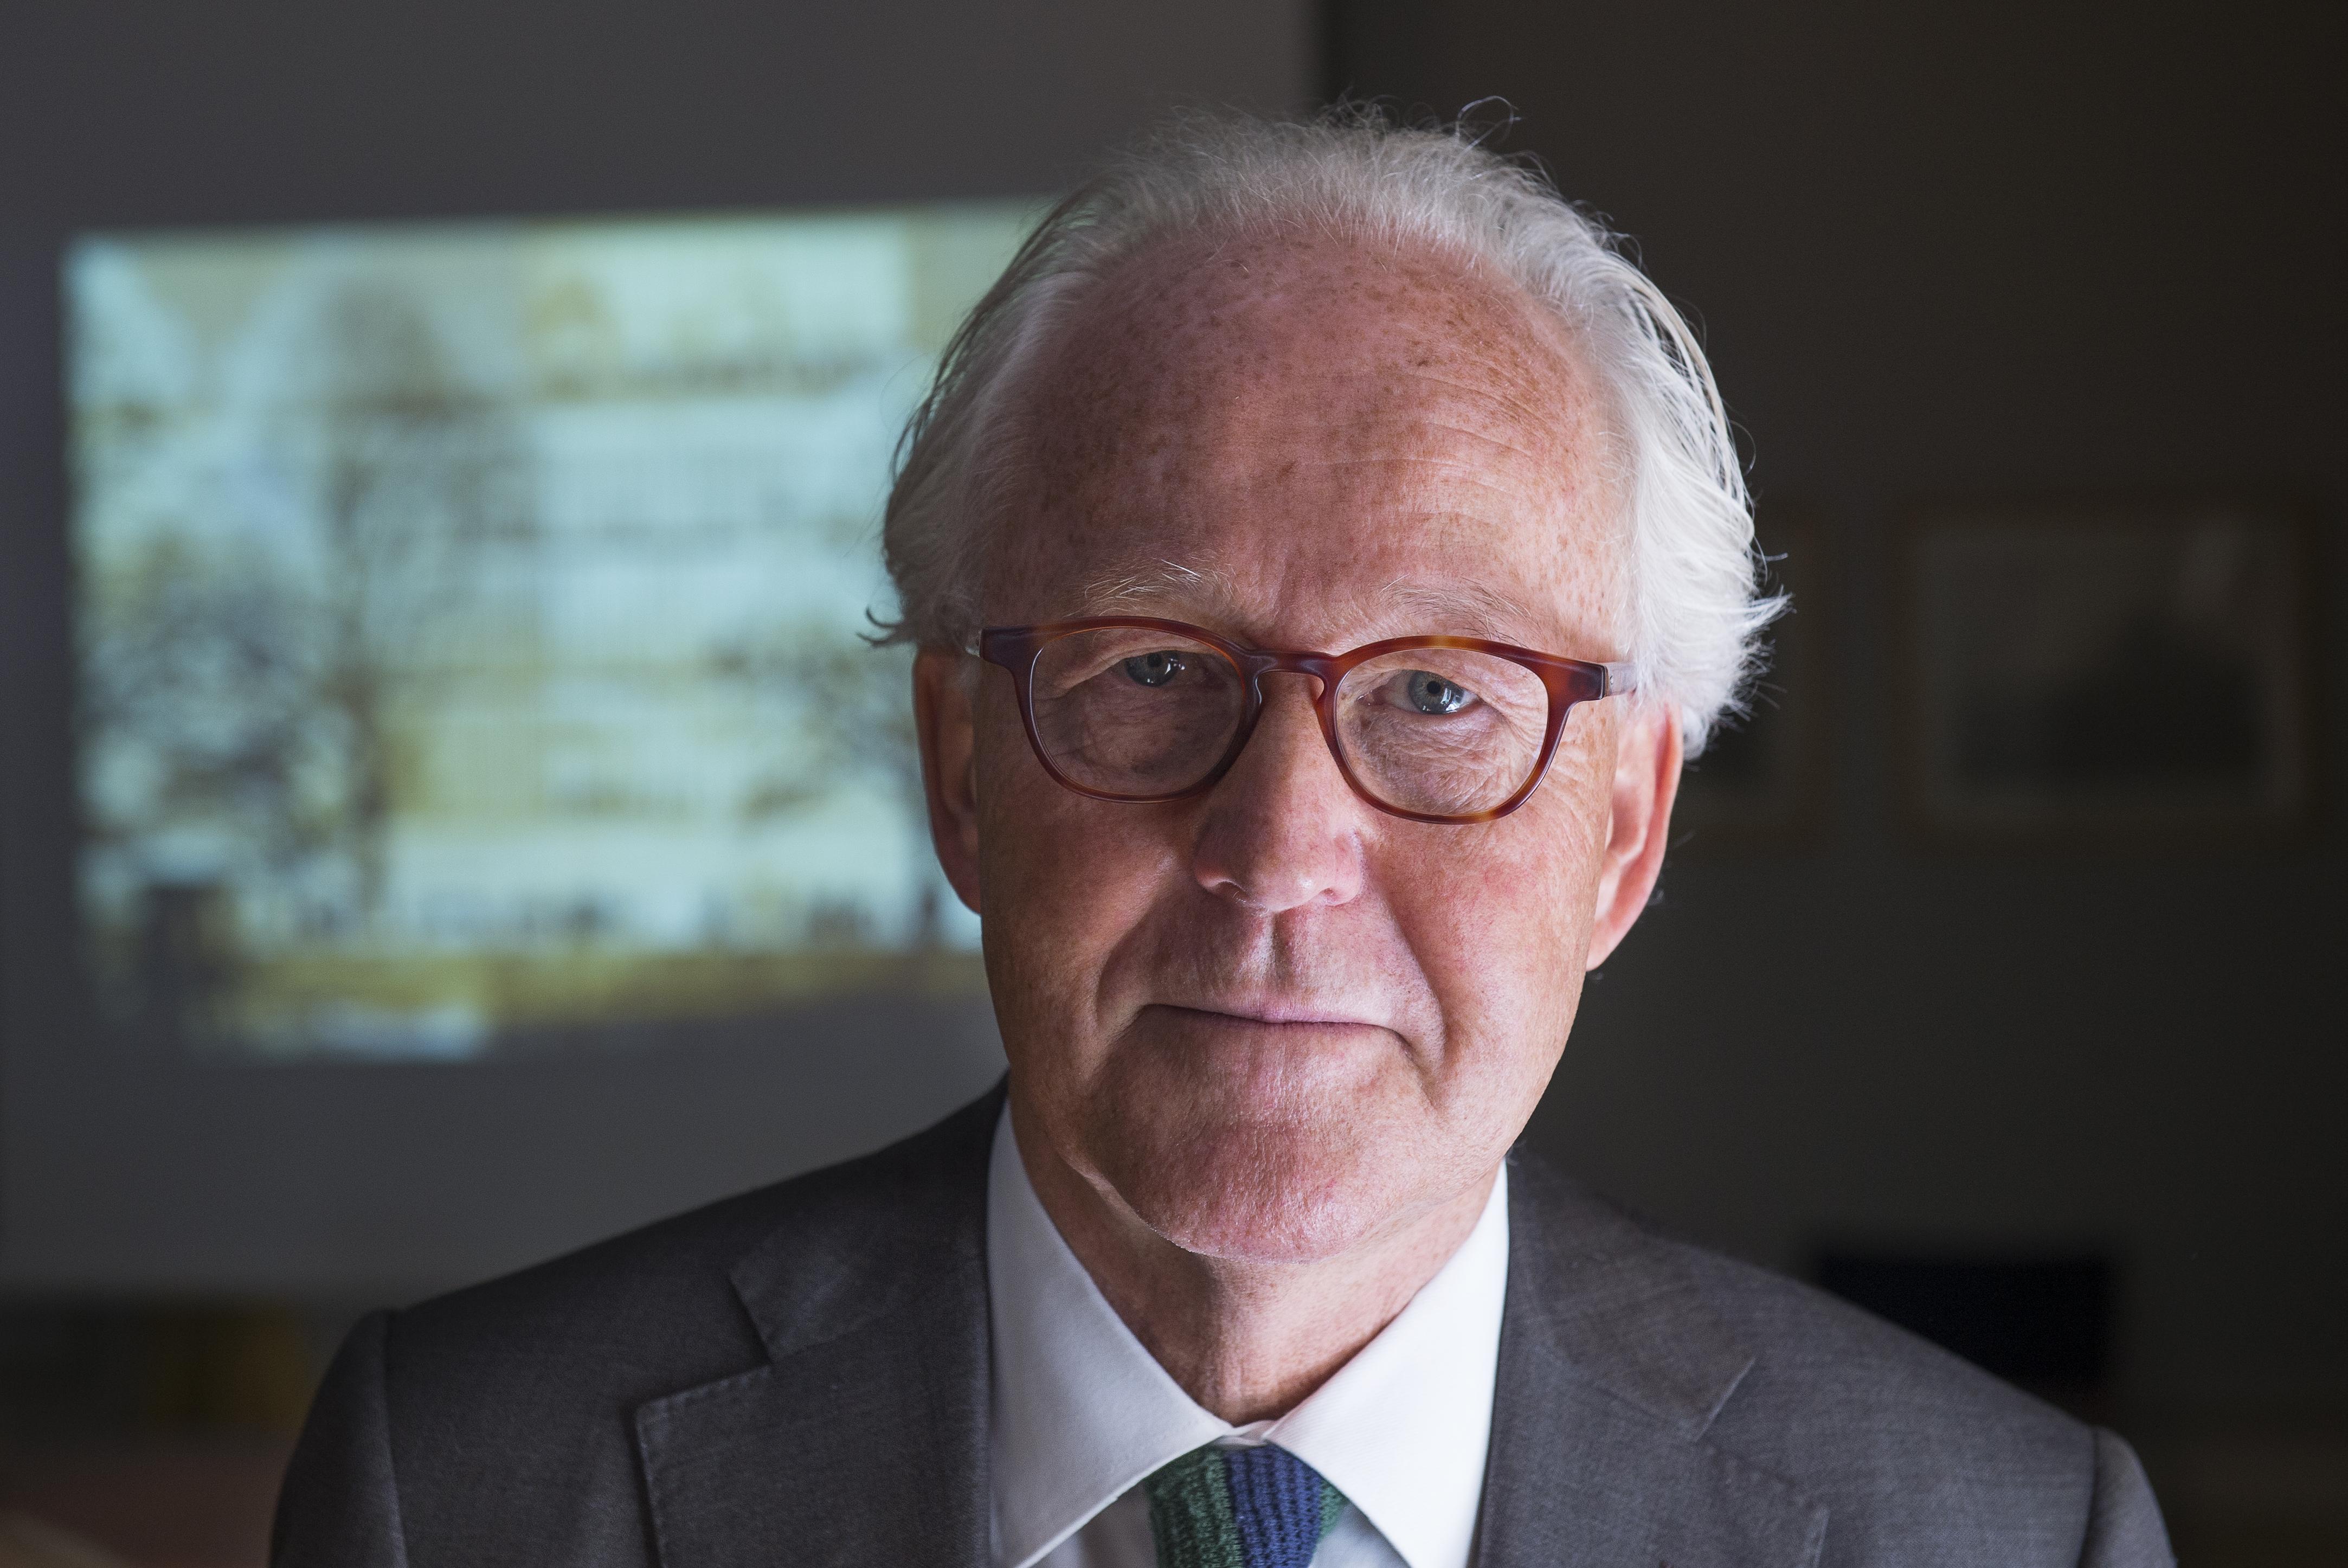 El Nobel Prize Dialogue realizado Chile -y, por primera vez, en Latinoamérica- fue enfocado en el futuro de la educación | Agence France-Presse